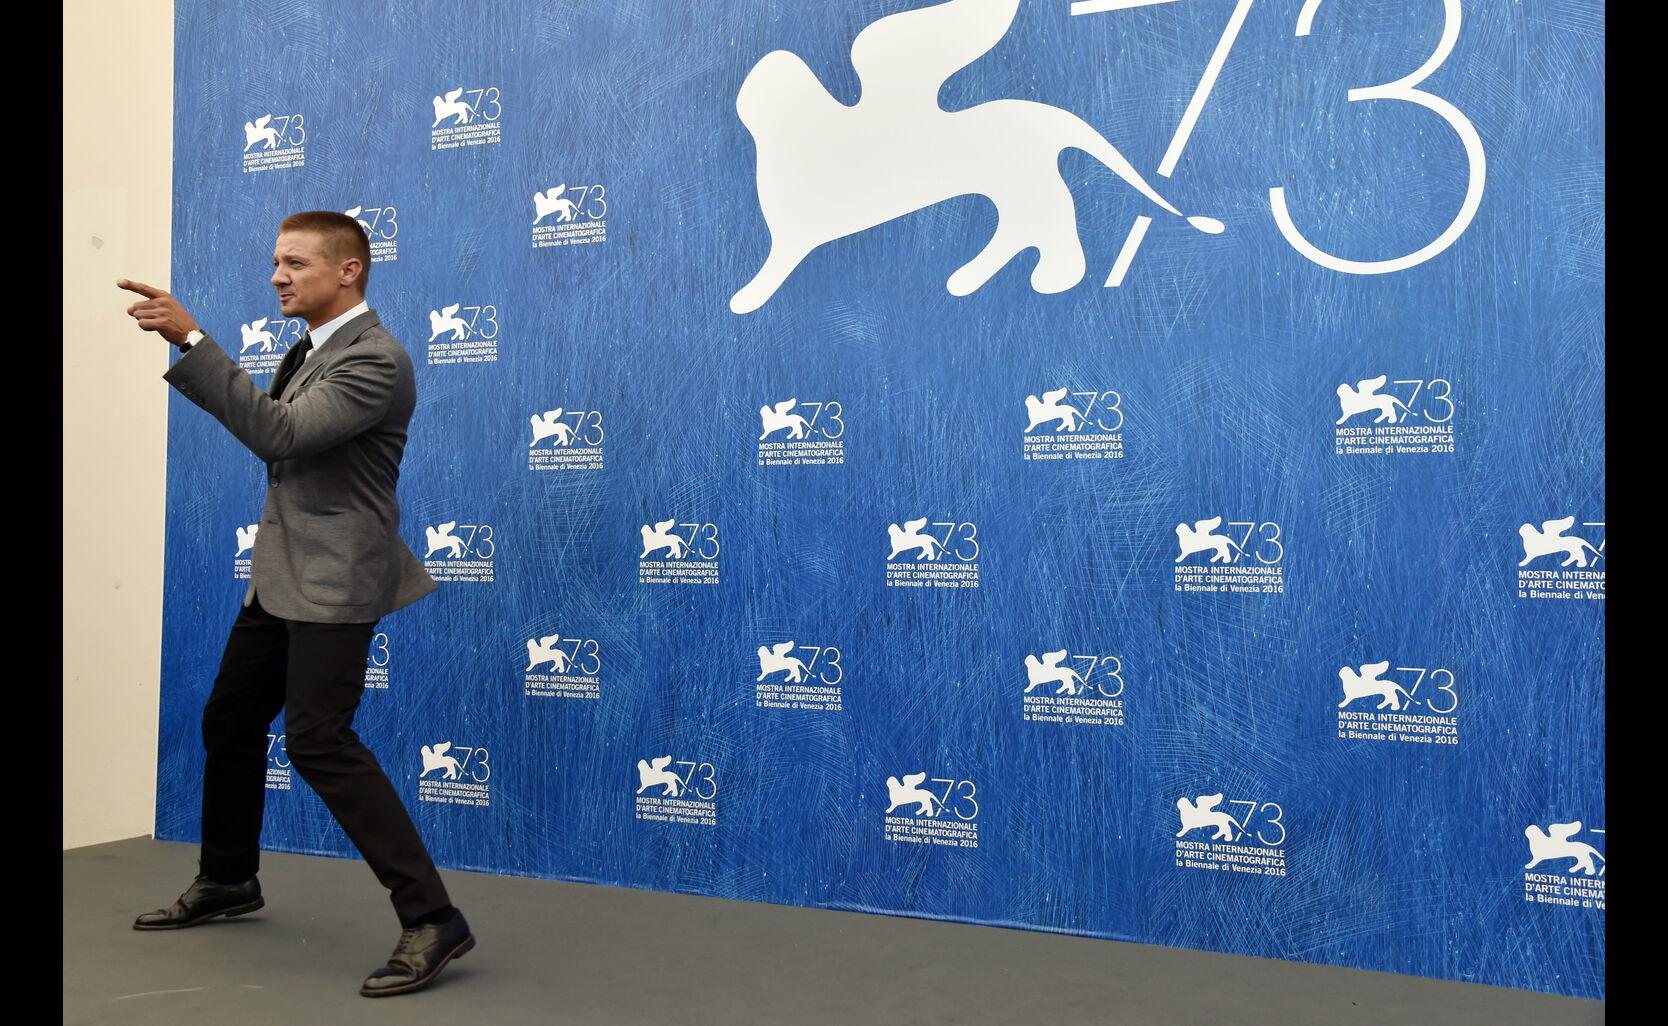 Jeremy Renner at 2016 Venice Film Festival